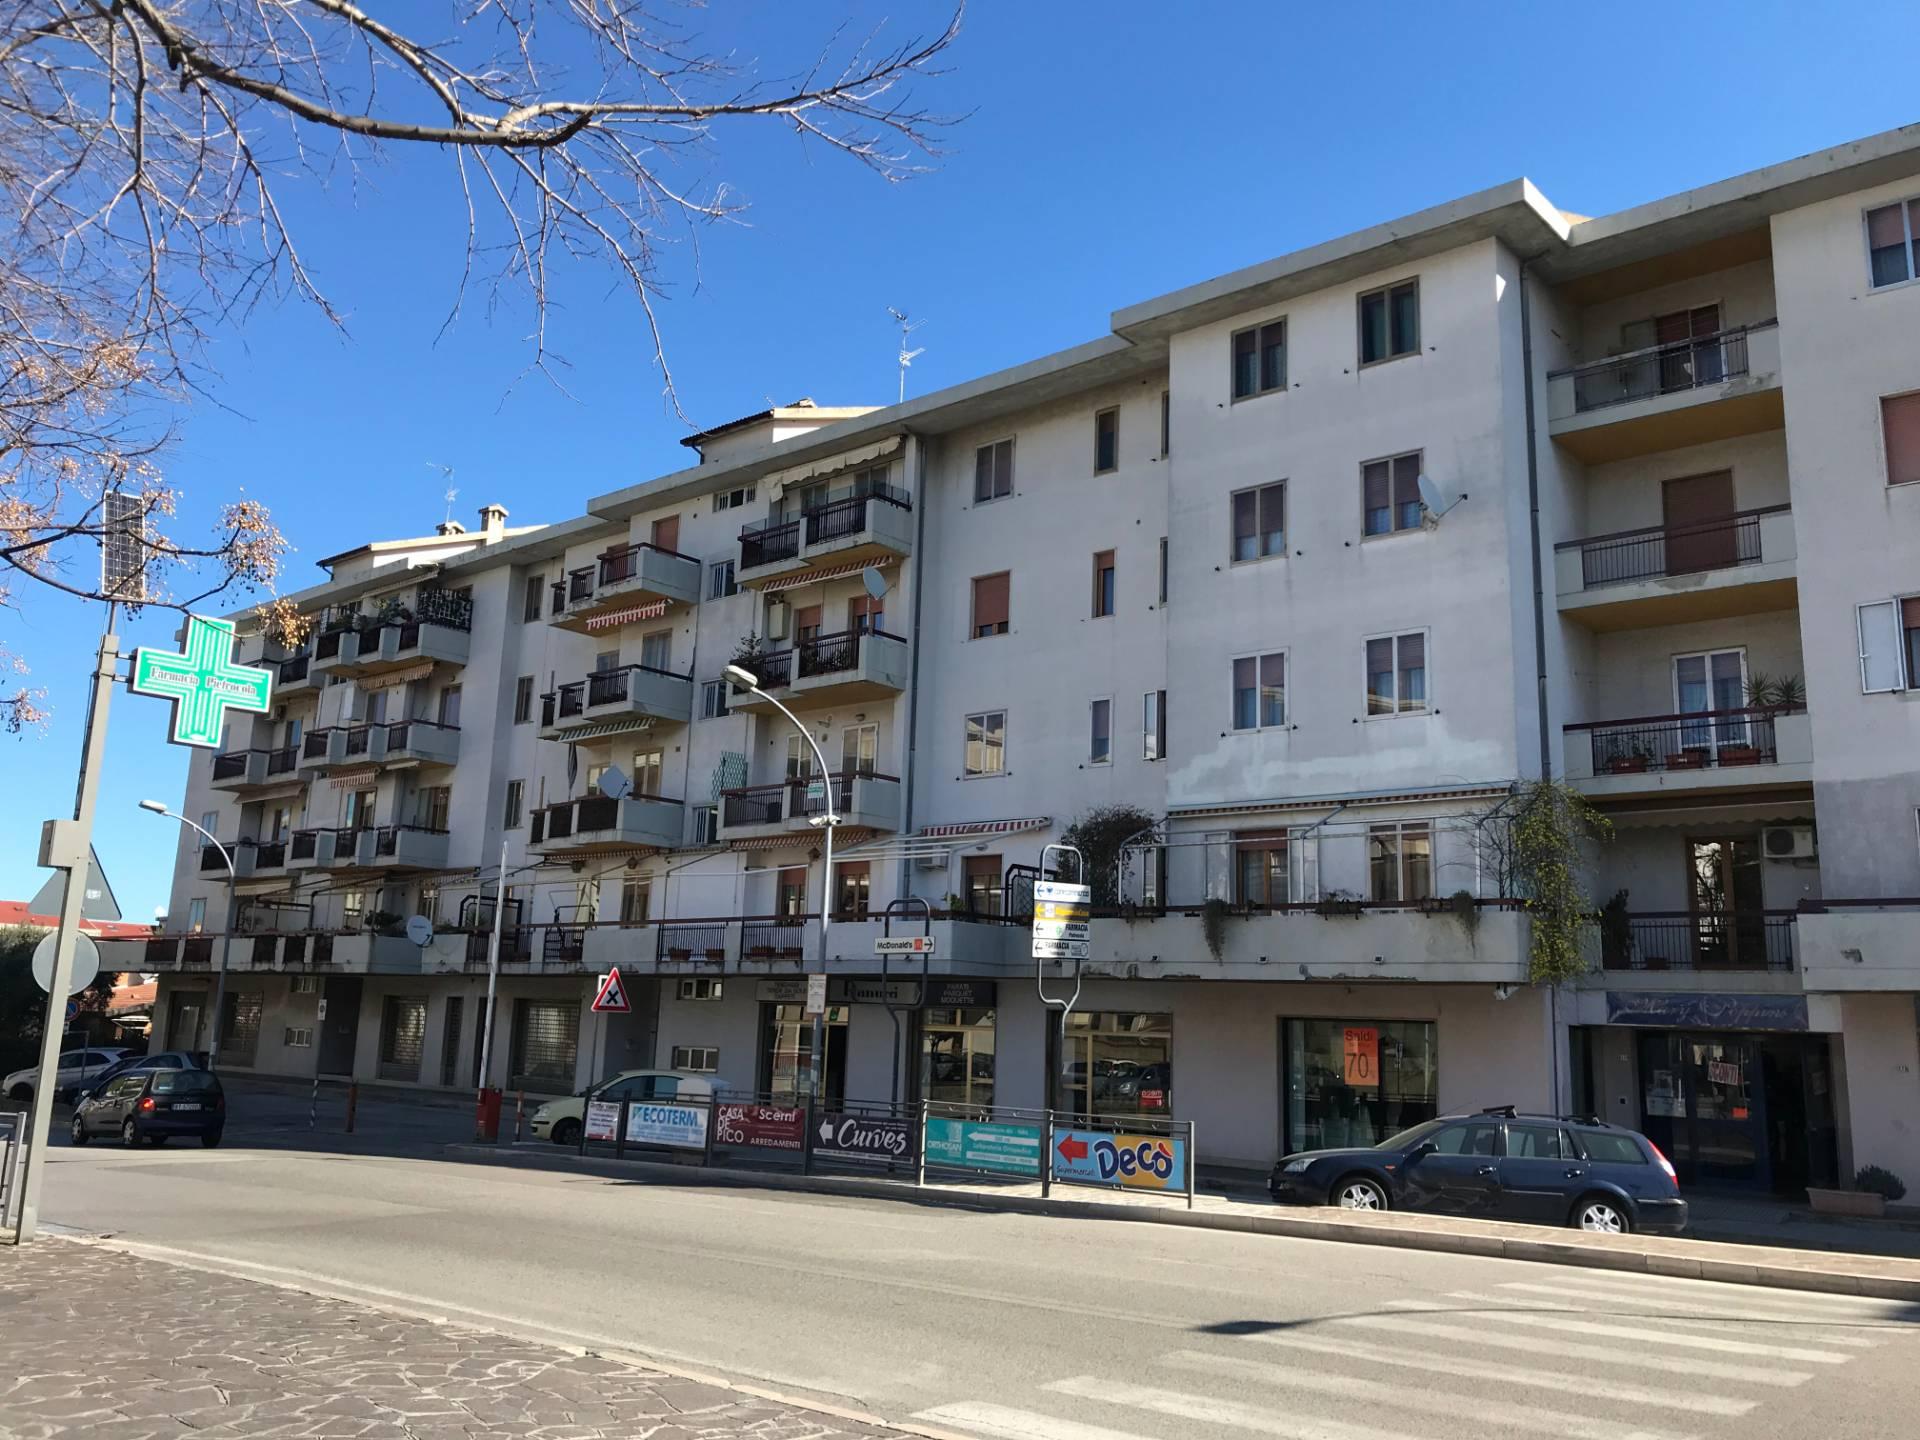 Appartamento in vendita a Vasto, 5 locali, zona Località: ZONACENTRALE, prezzo € 160.000 | PortaleAgenzieImmobiliari.it